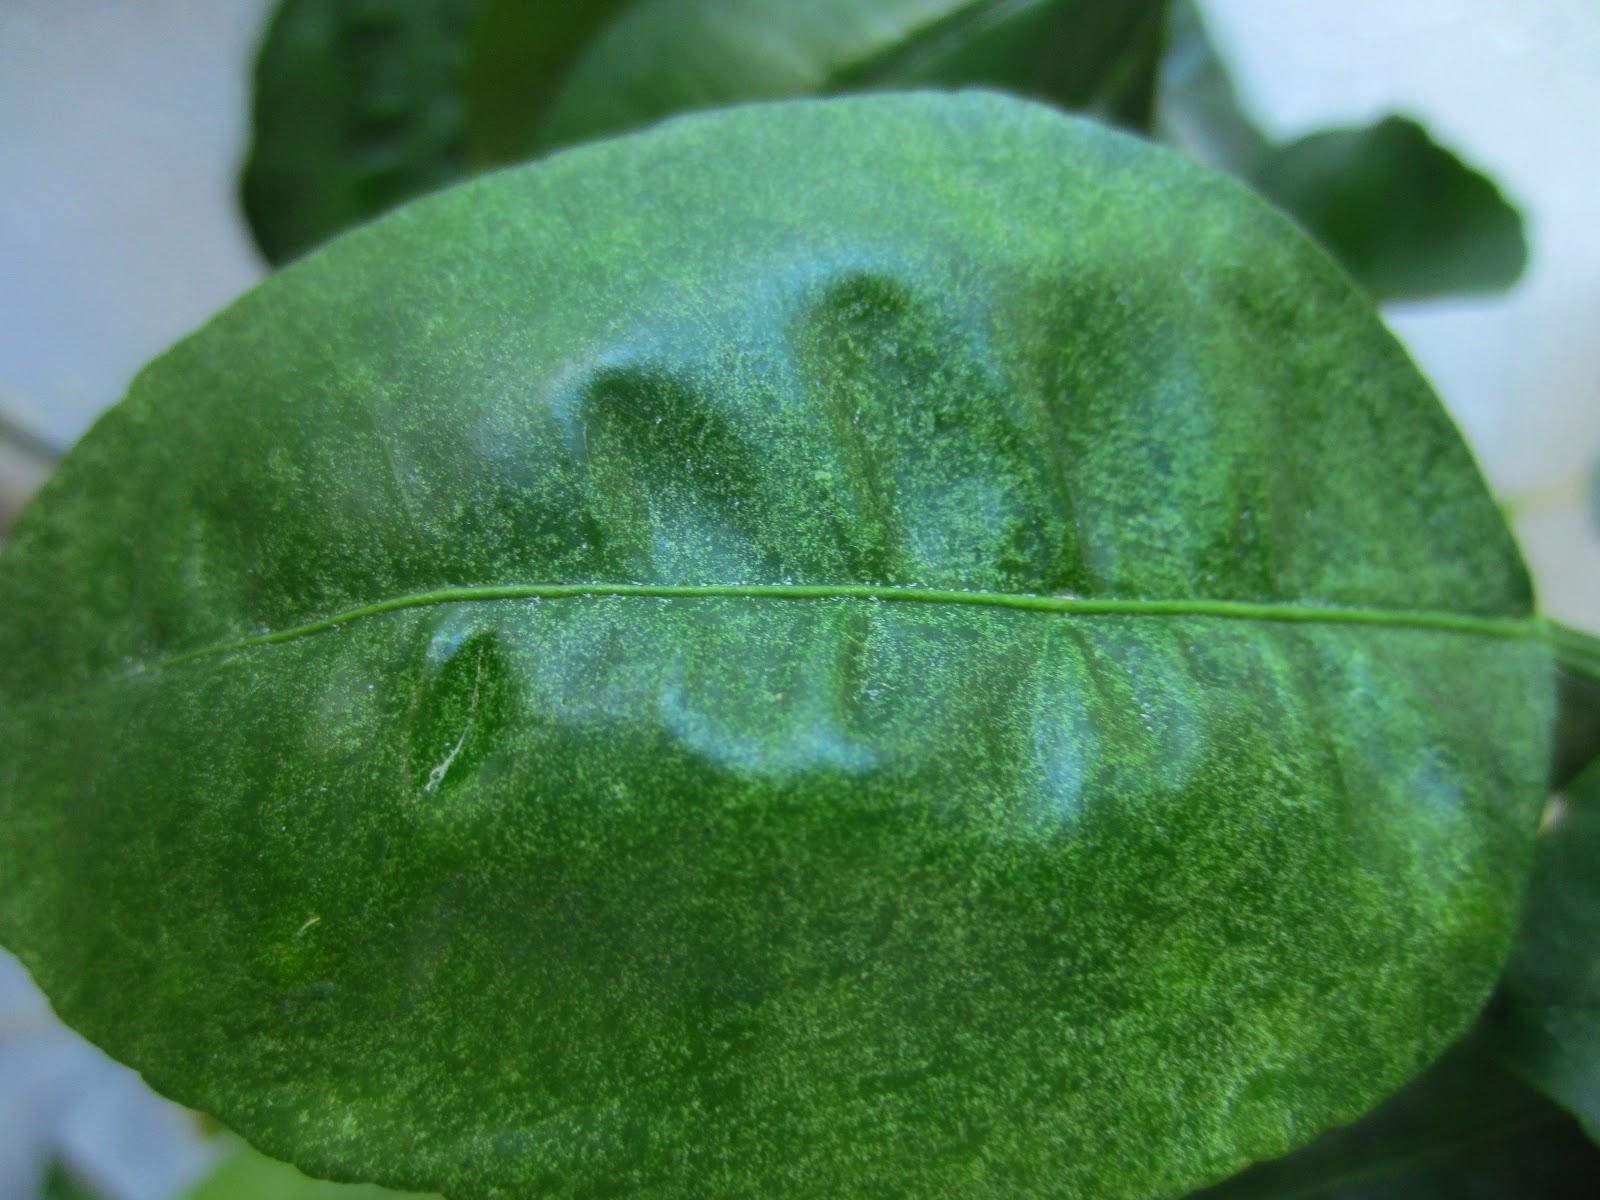 Вредители домашнего комнатного лимона: на фото тля, щитовка, паутинный клещ, как бороться